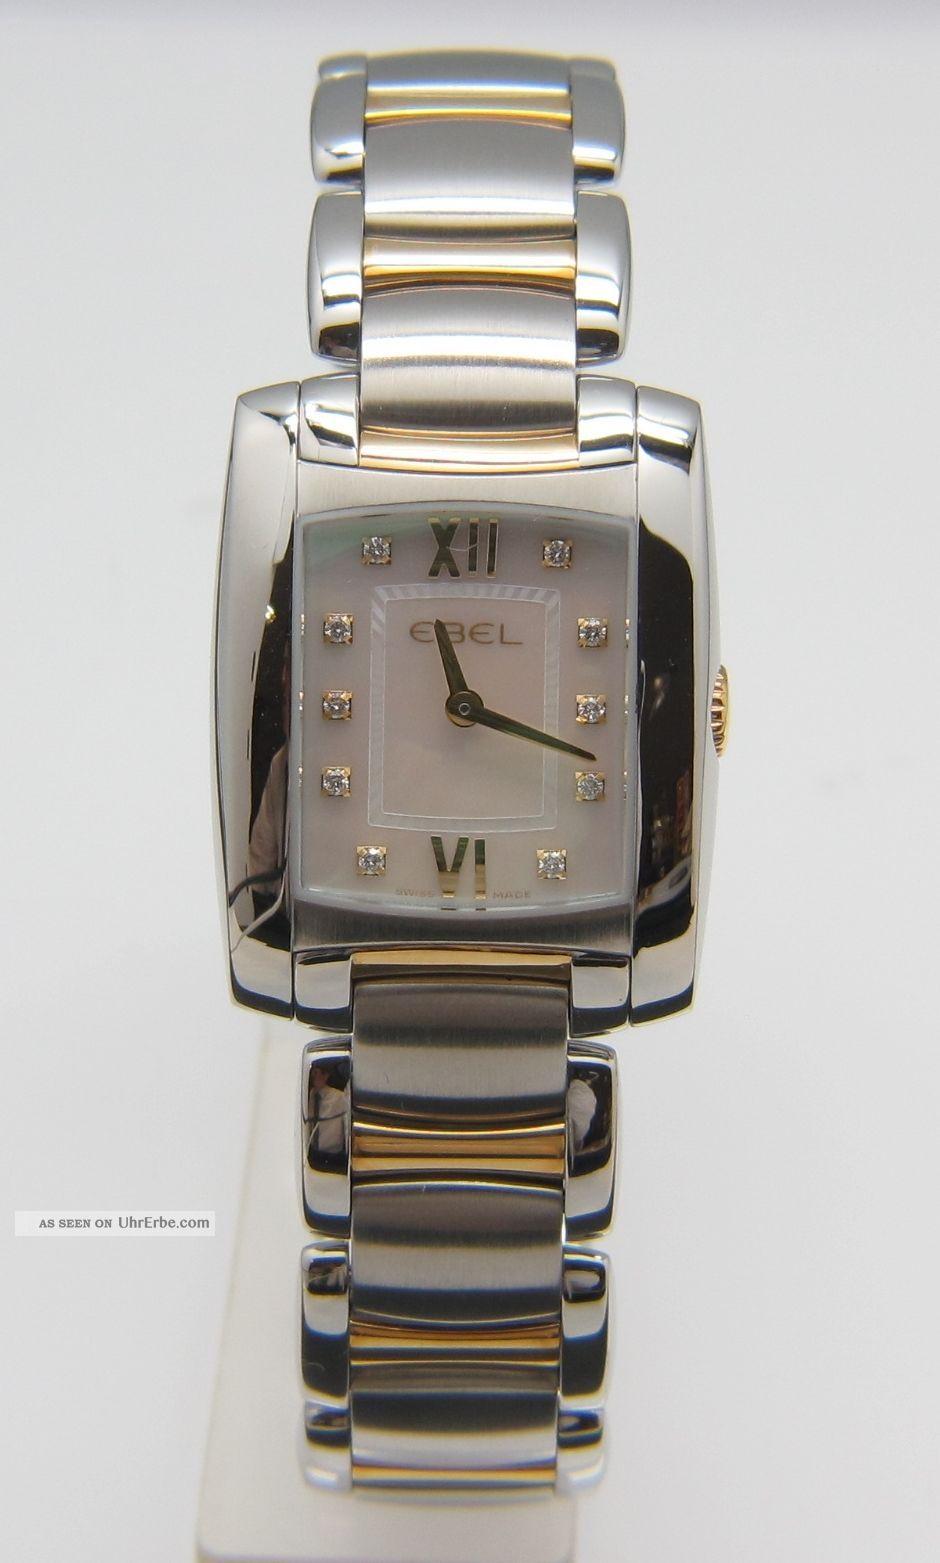 Ebel Damenarmbanduhr Brasilia Mini,  Referenz 1215768 Armbanduhren Bild